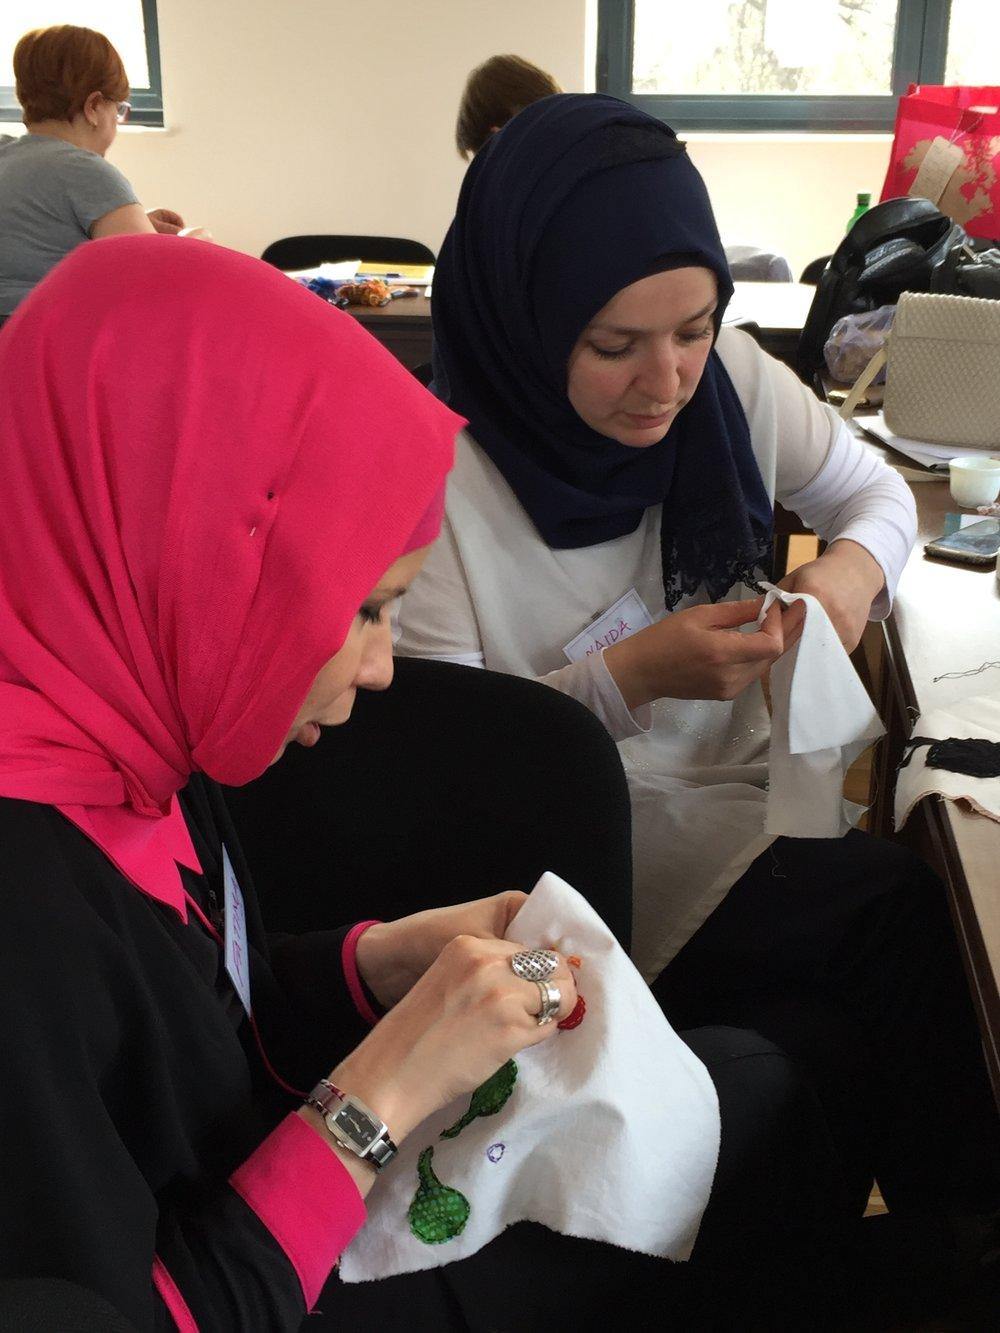 sewing BiH training.JPG